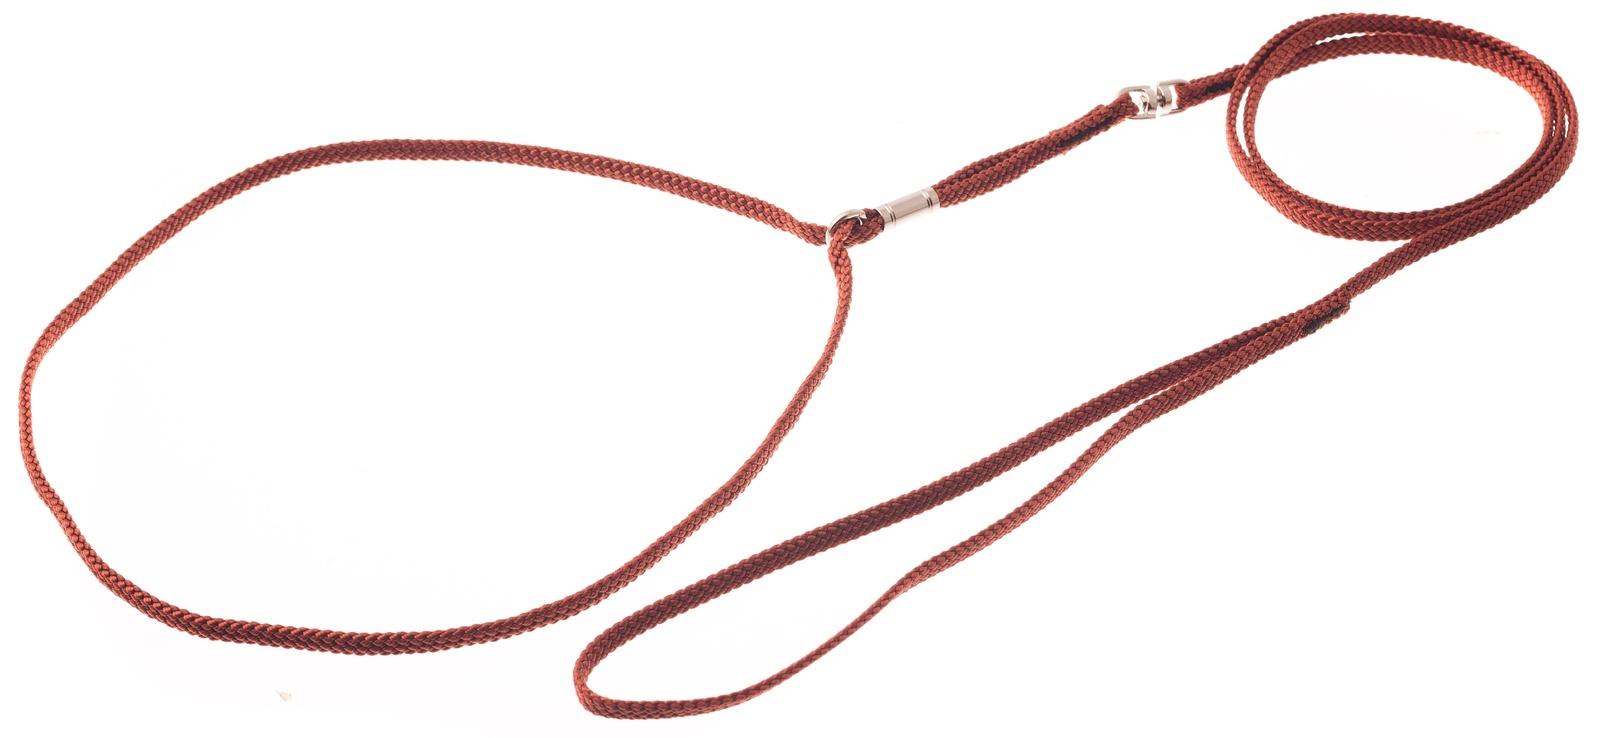 myPet PEA-05LBR Ринговка с кольцом (светло-коричневая)